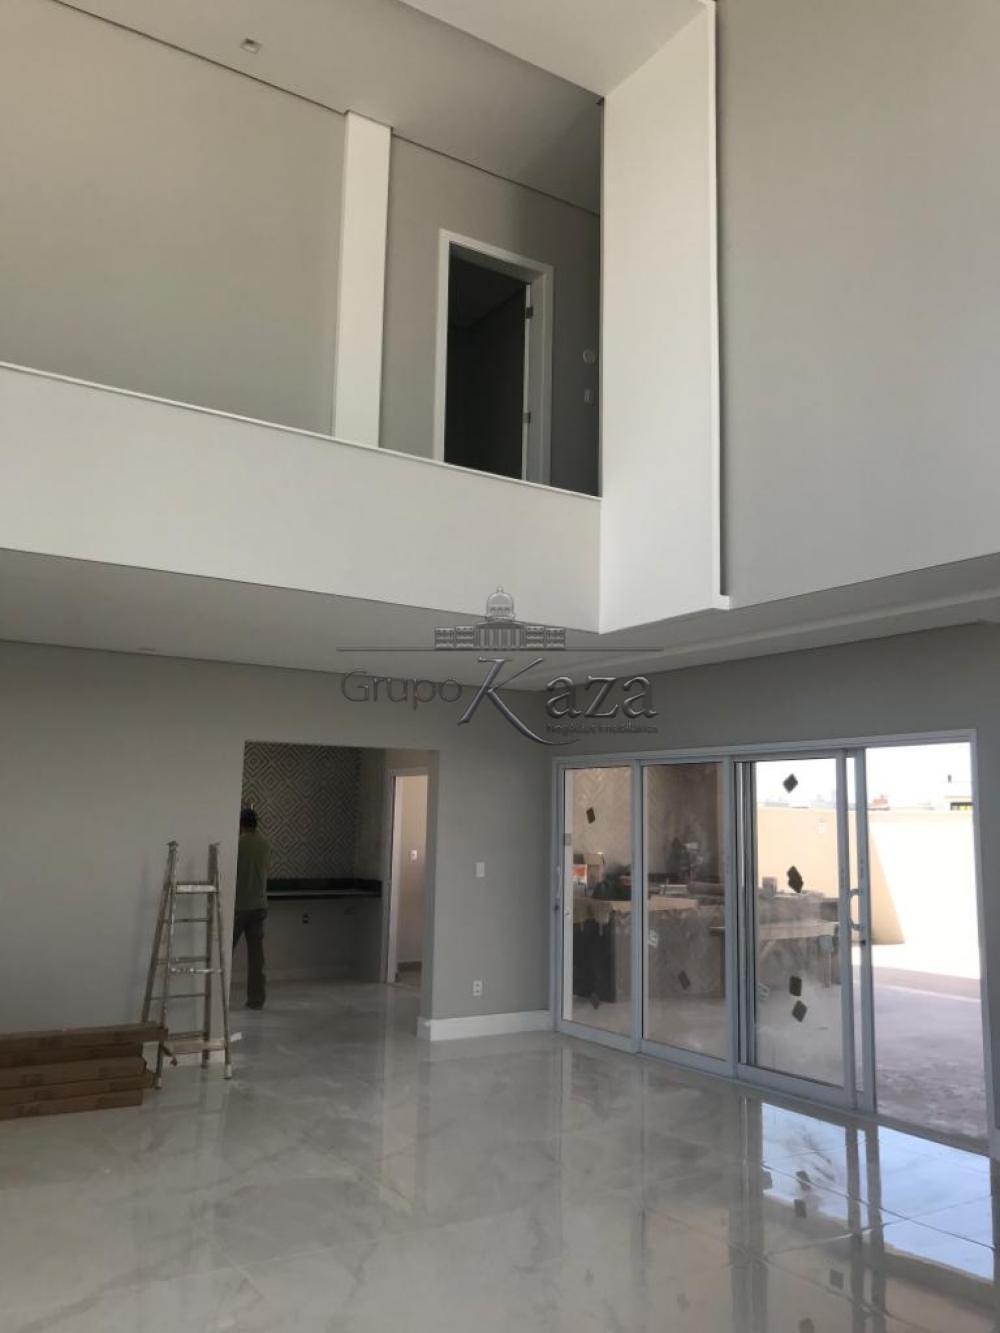 Comprar Casa / Condomínio em São José dos Campos apenas R$ 2.000.000,00 - Foto 6